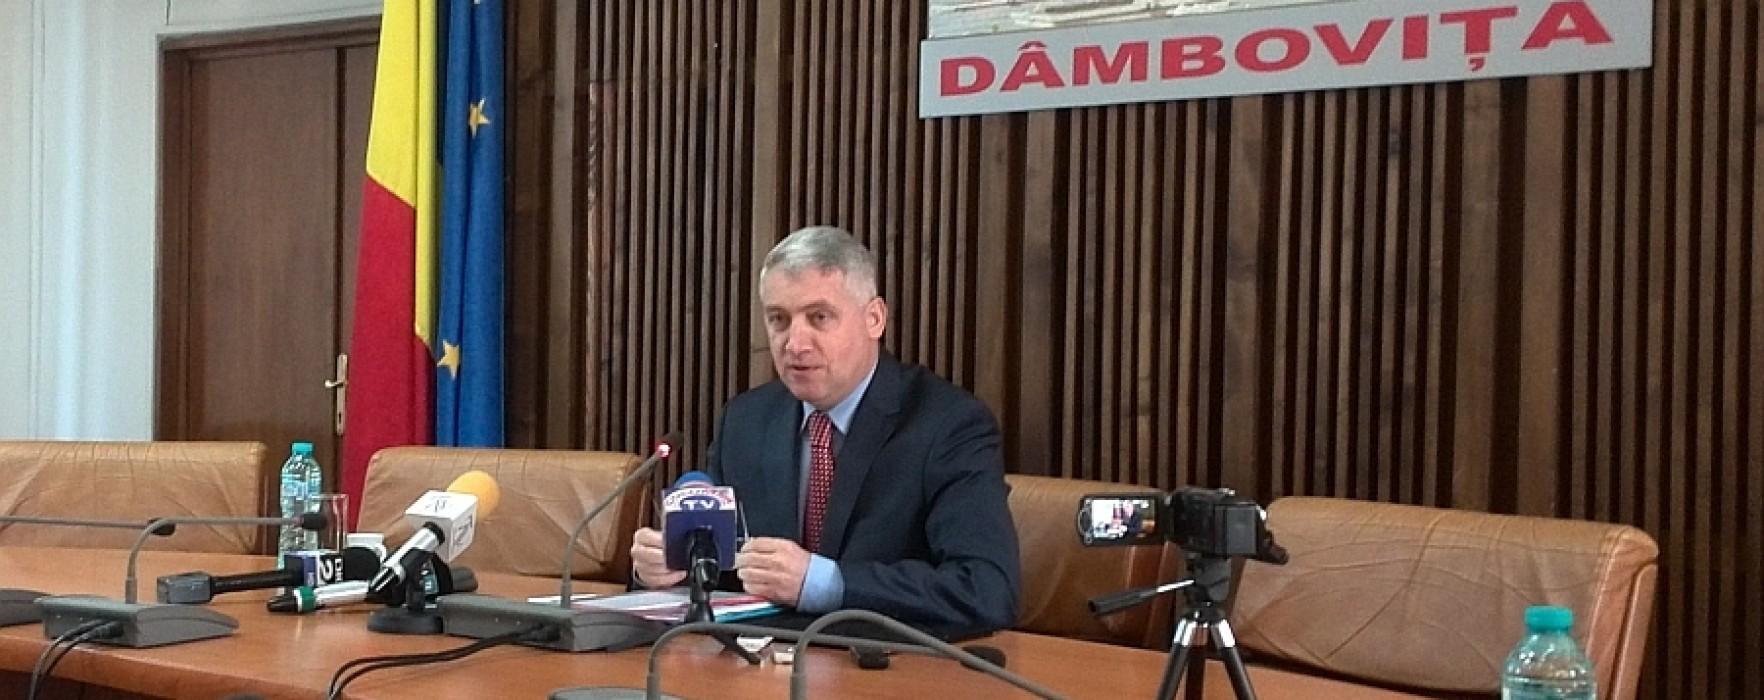 Adrian Ţuţuianu: Mihail Volintiru (PNL) nu a rezolvat nimic pentru acest judeţ (video)